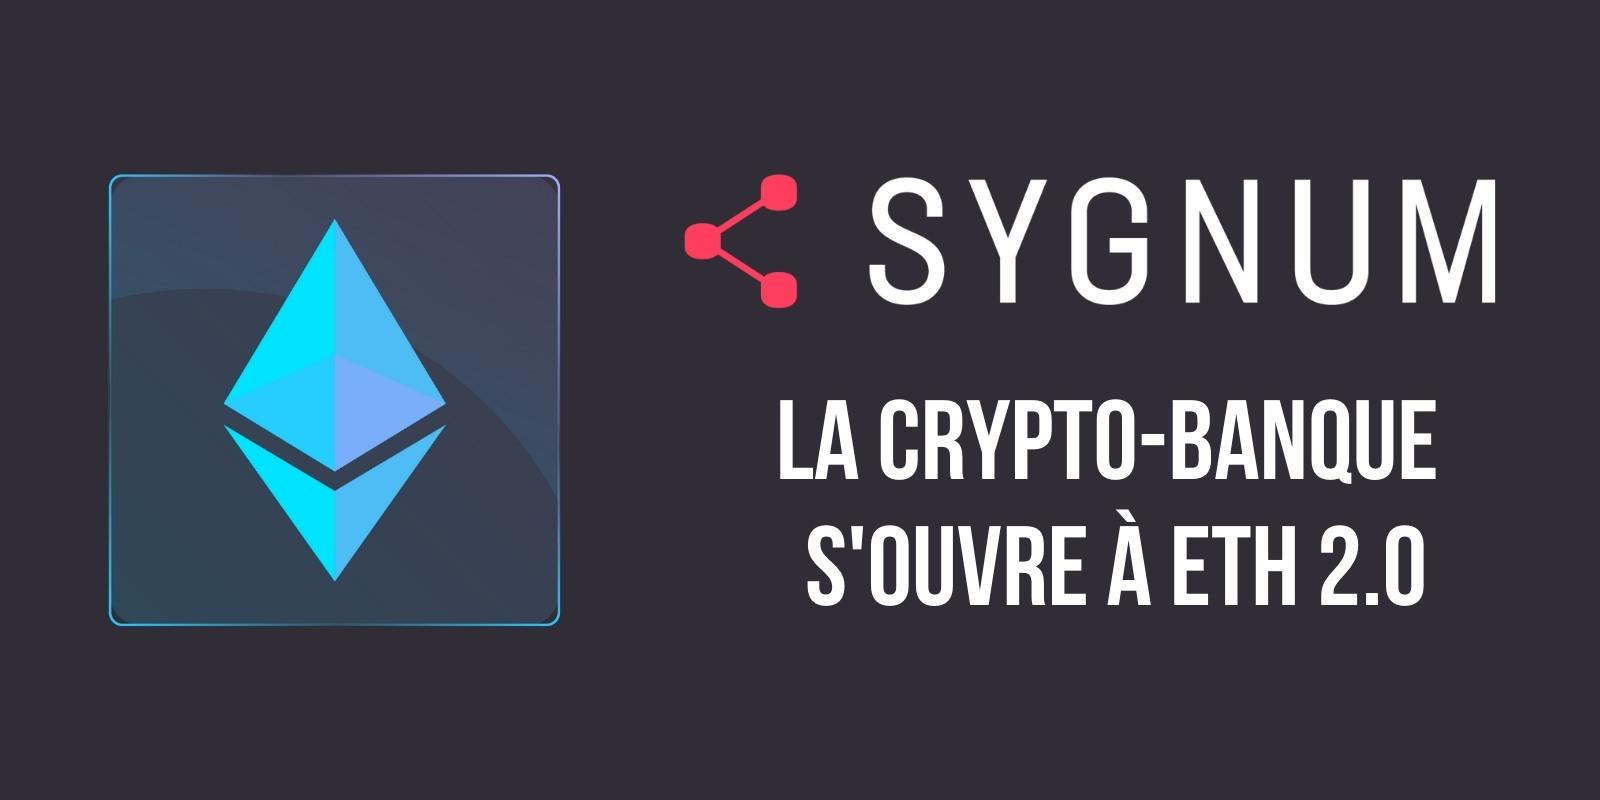 Sygnum devient la première banque à proposer un service de staking sur Ethereum 2.0